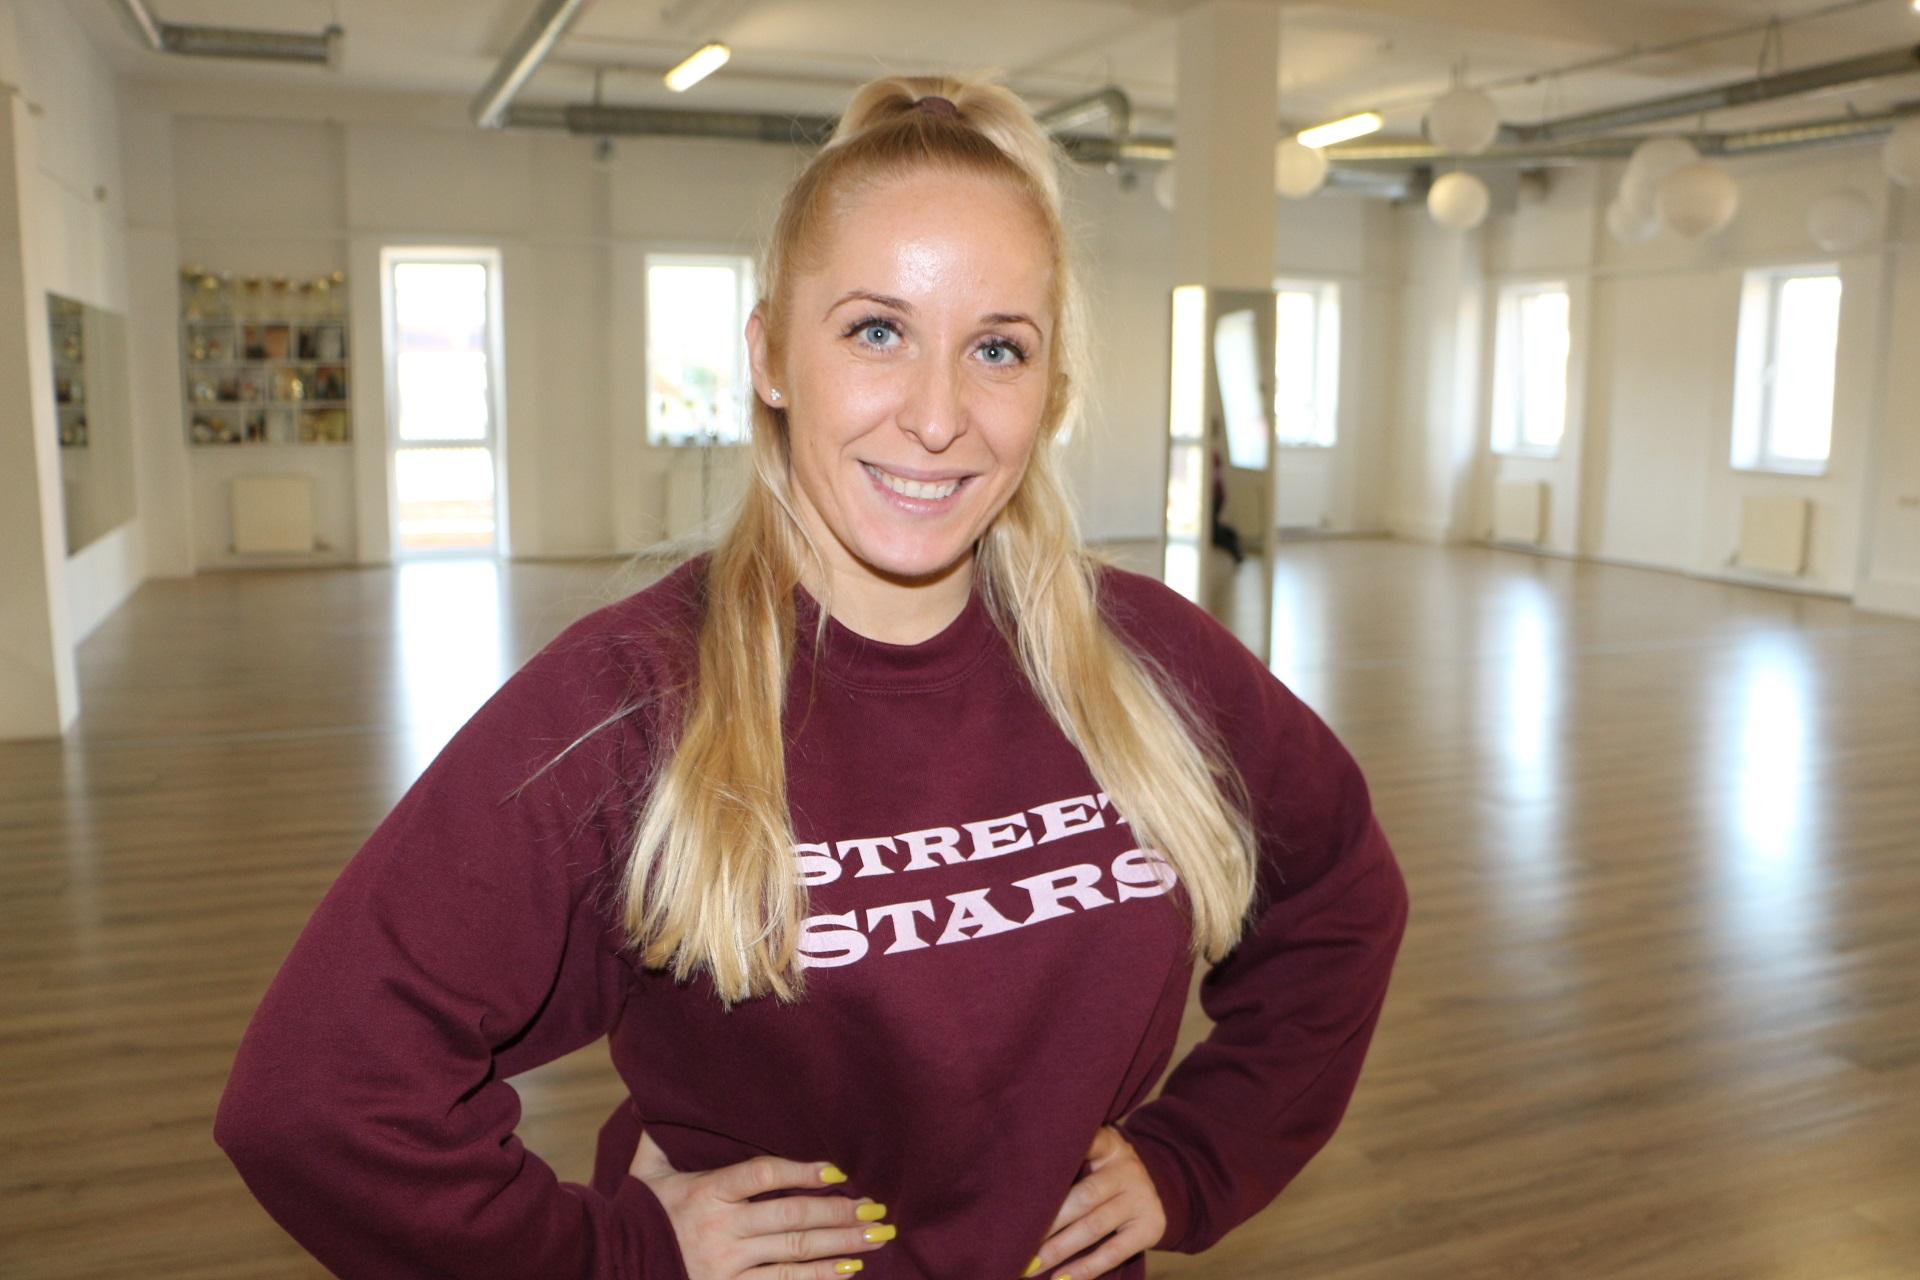 """Jaunųjų """"Street stars"""" šokėjų trenerė Vaida Dargužytė dega savo darbu, o mintys apie šokių treniruotes jos galvoje sukasi nuo ryto iki vakaro. / Asmeninio archyvo nuotr."""